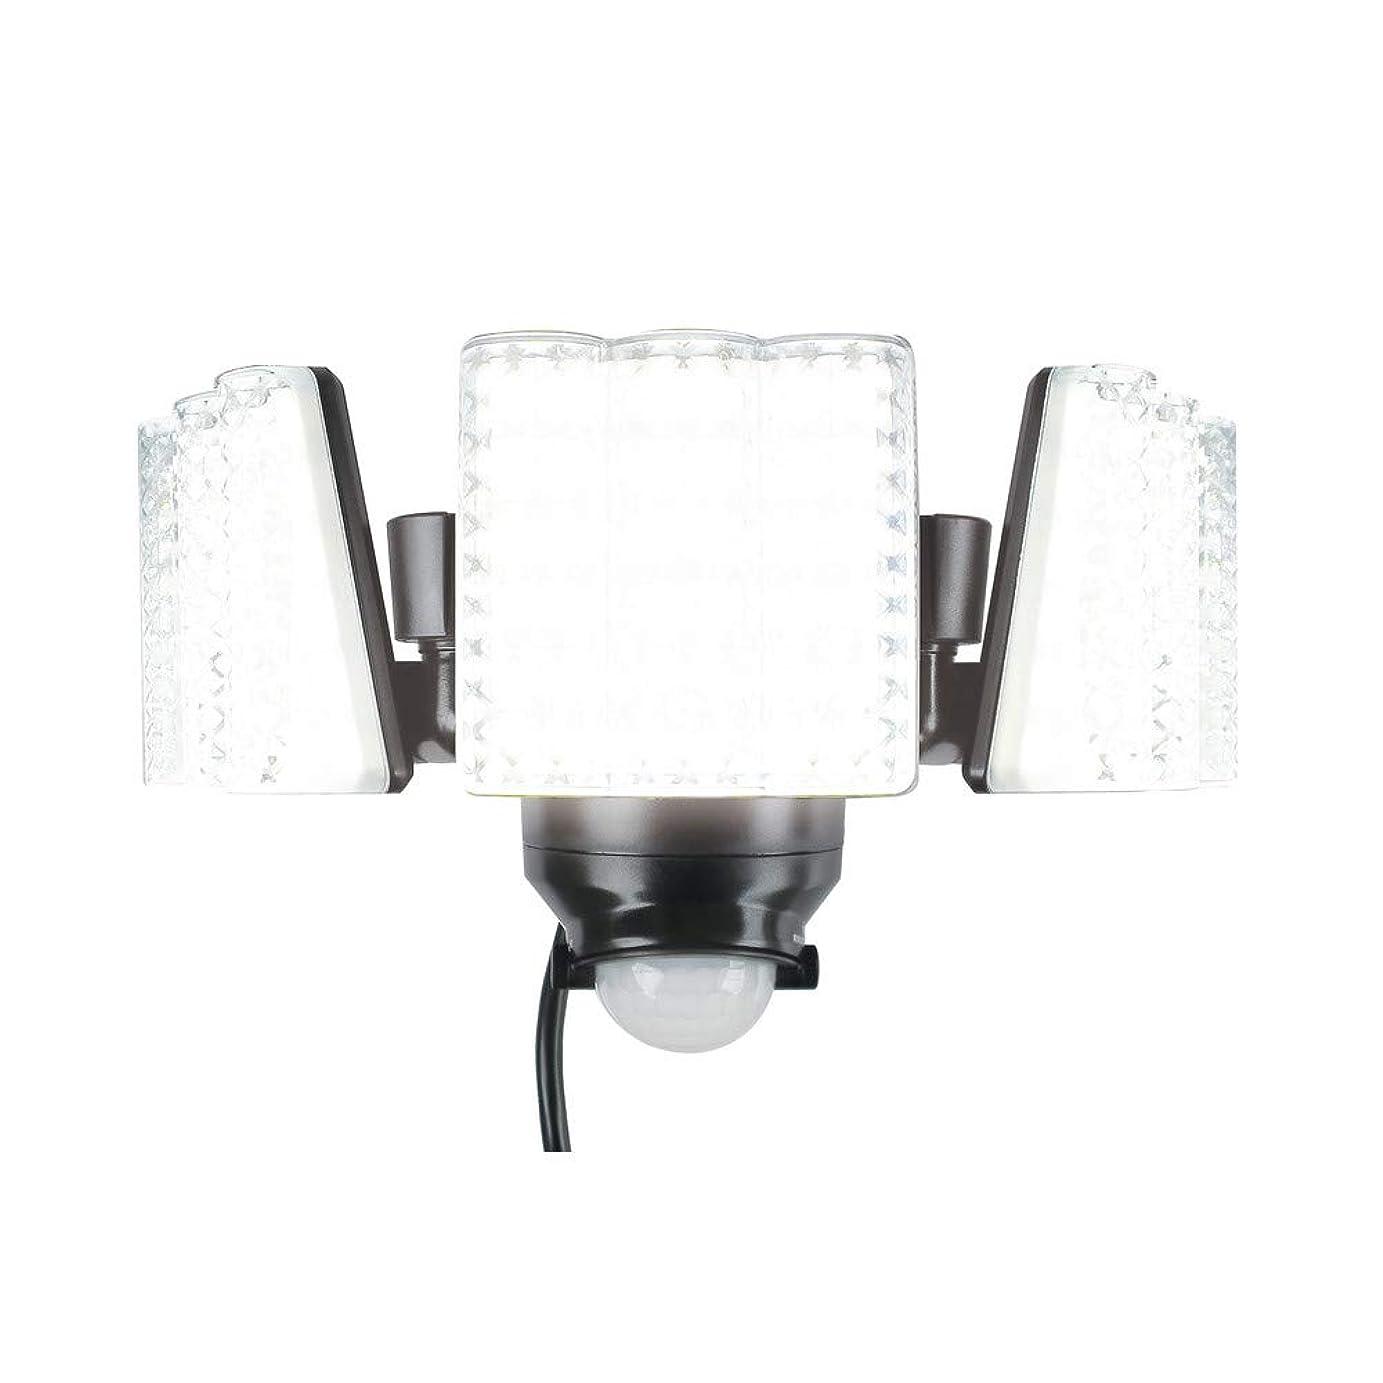 ペイン戻す領事館大進(ダイシン) 大進(DAISIN) LED センサーライト 3灯式 DLA-7T300 DLA-7T300 奥行24×高さ13.5×幅16cm